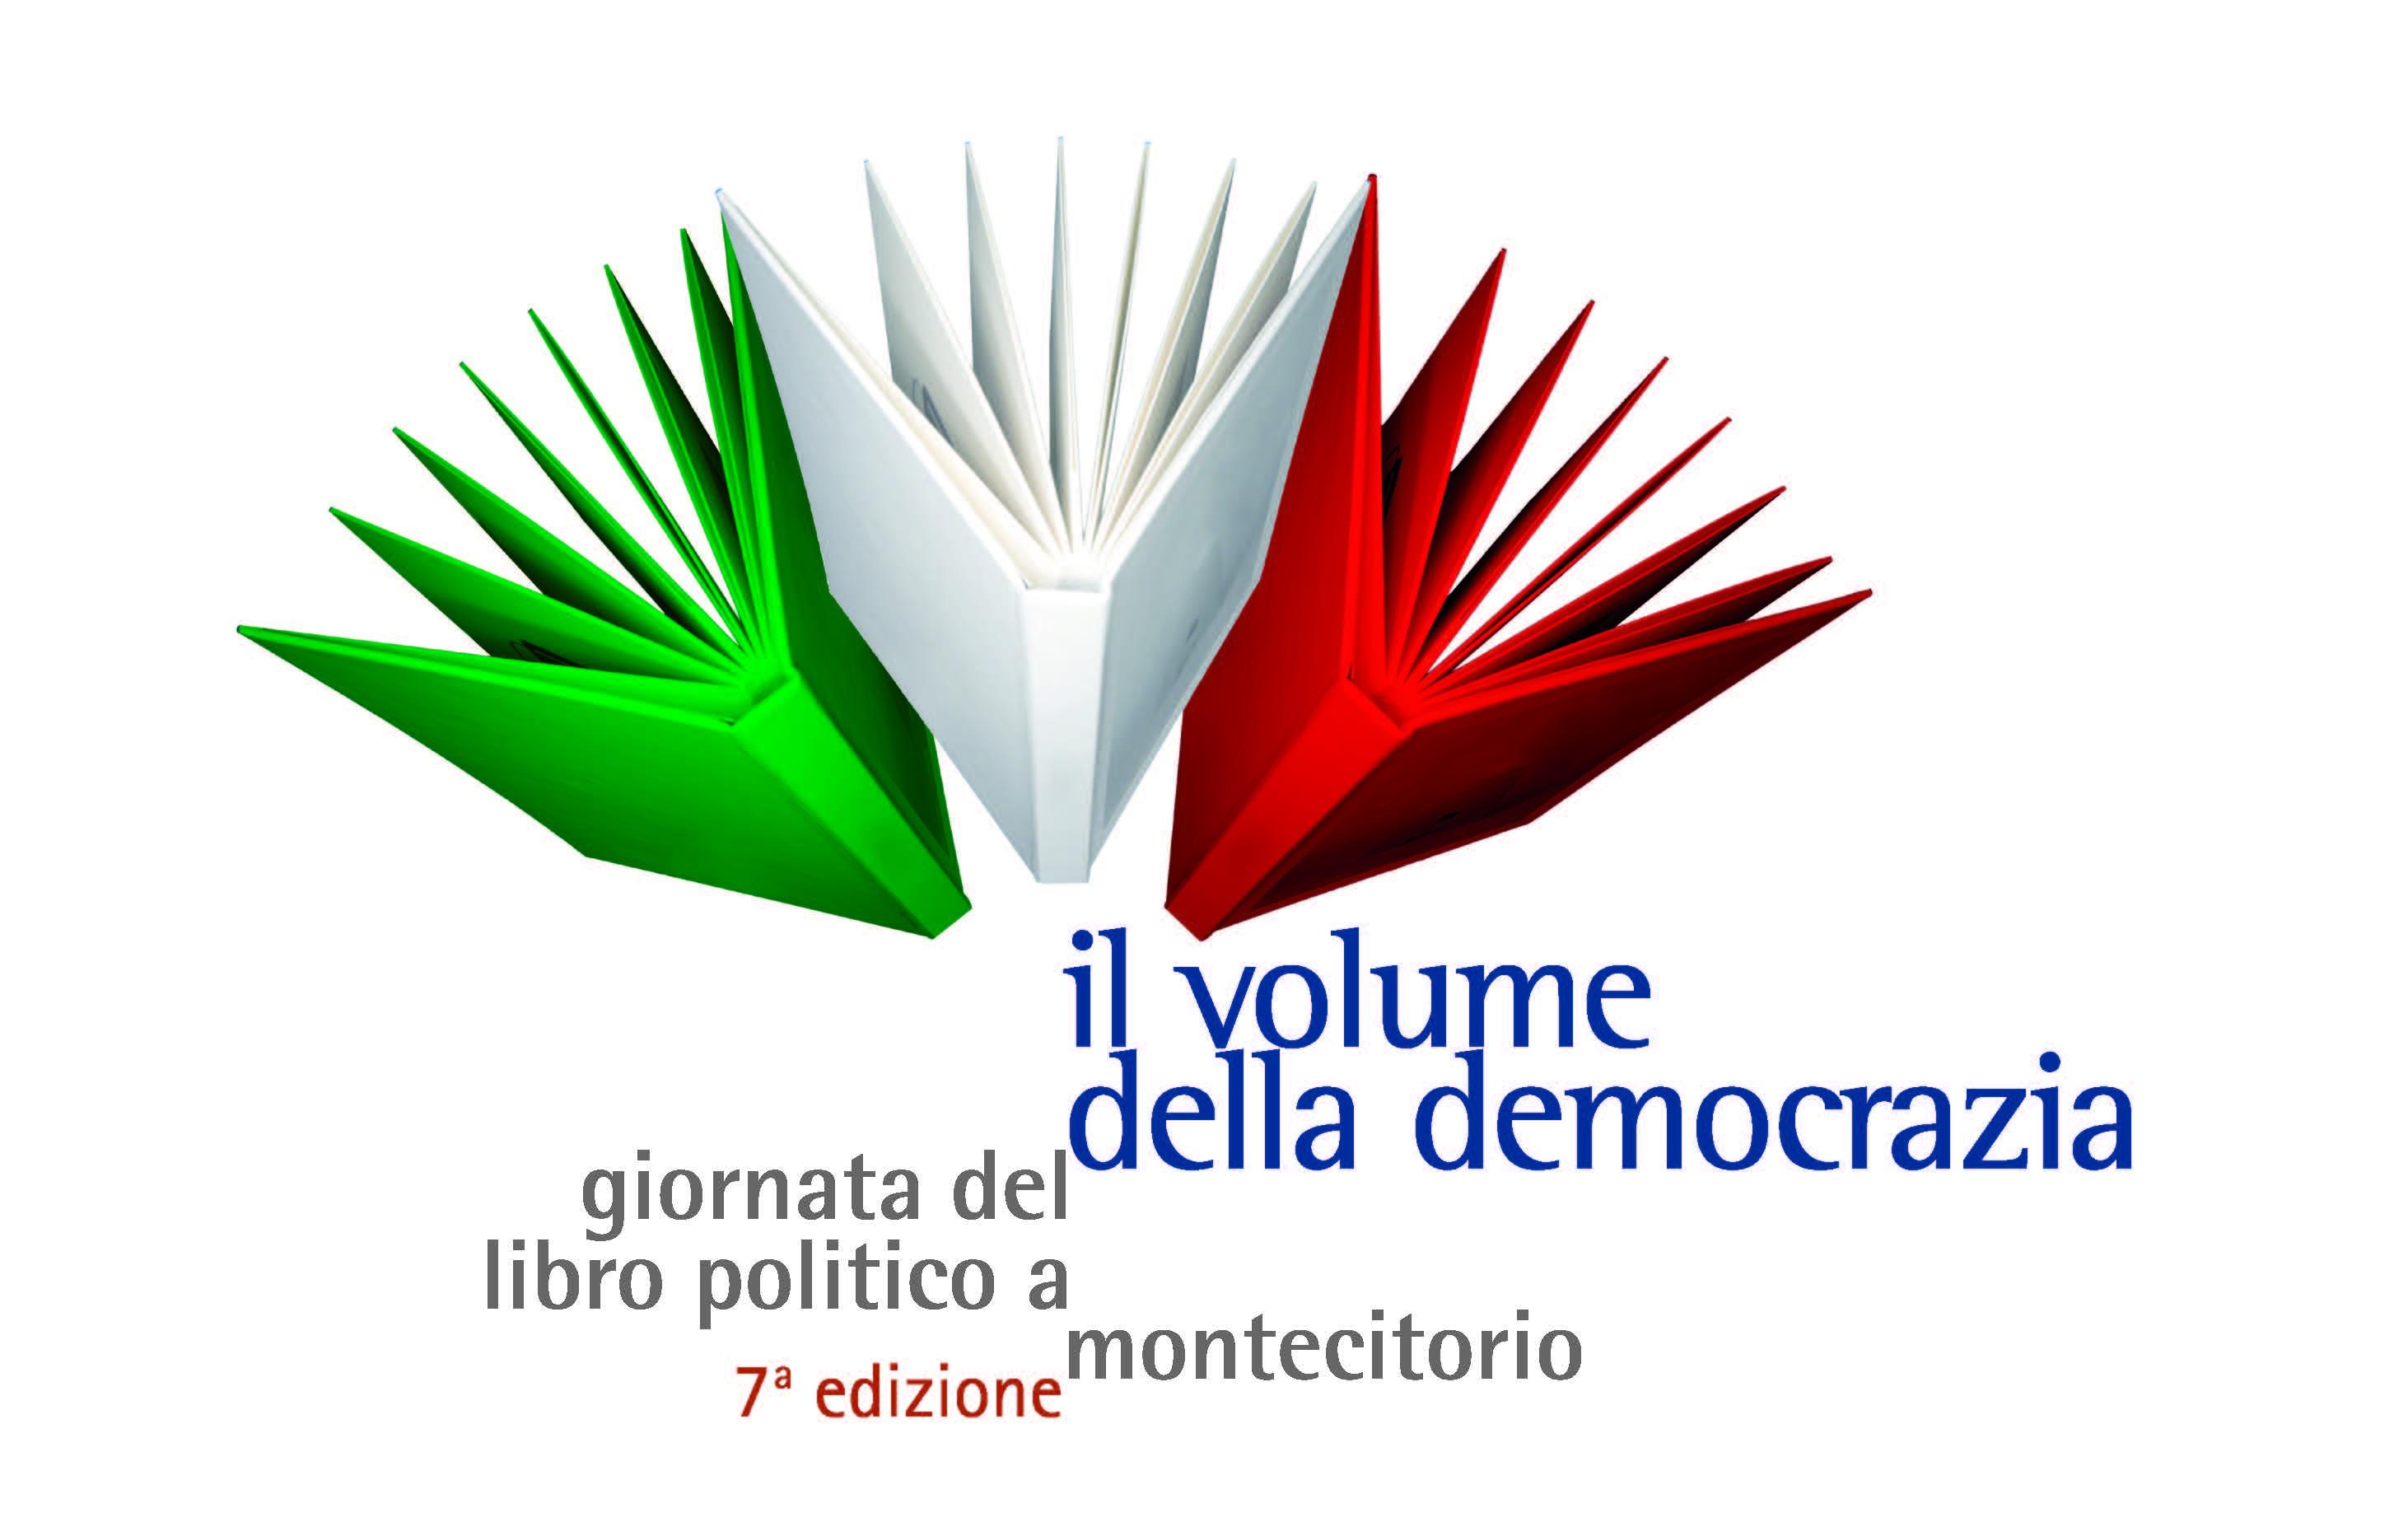 Il volume della democrazia 2015